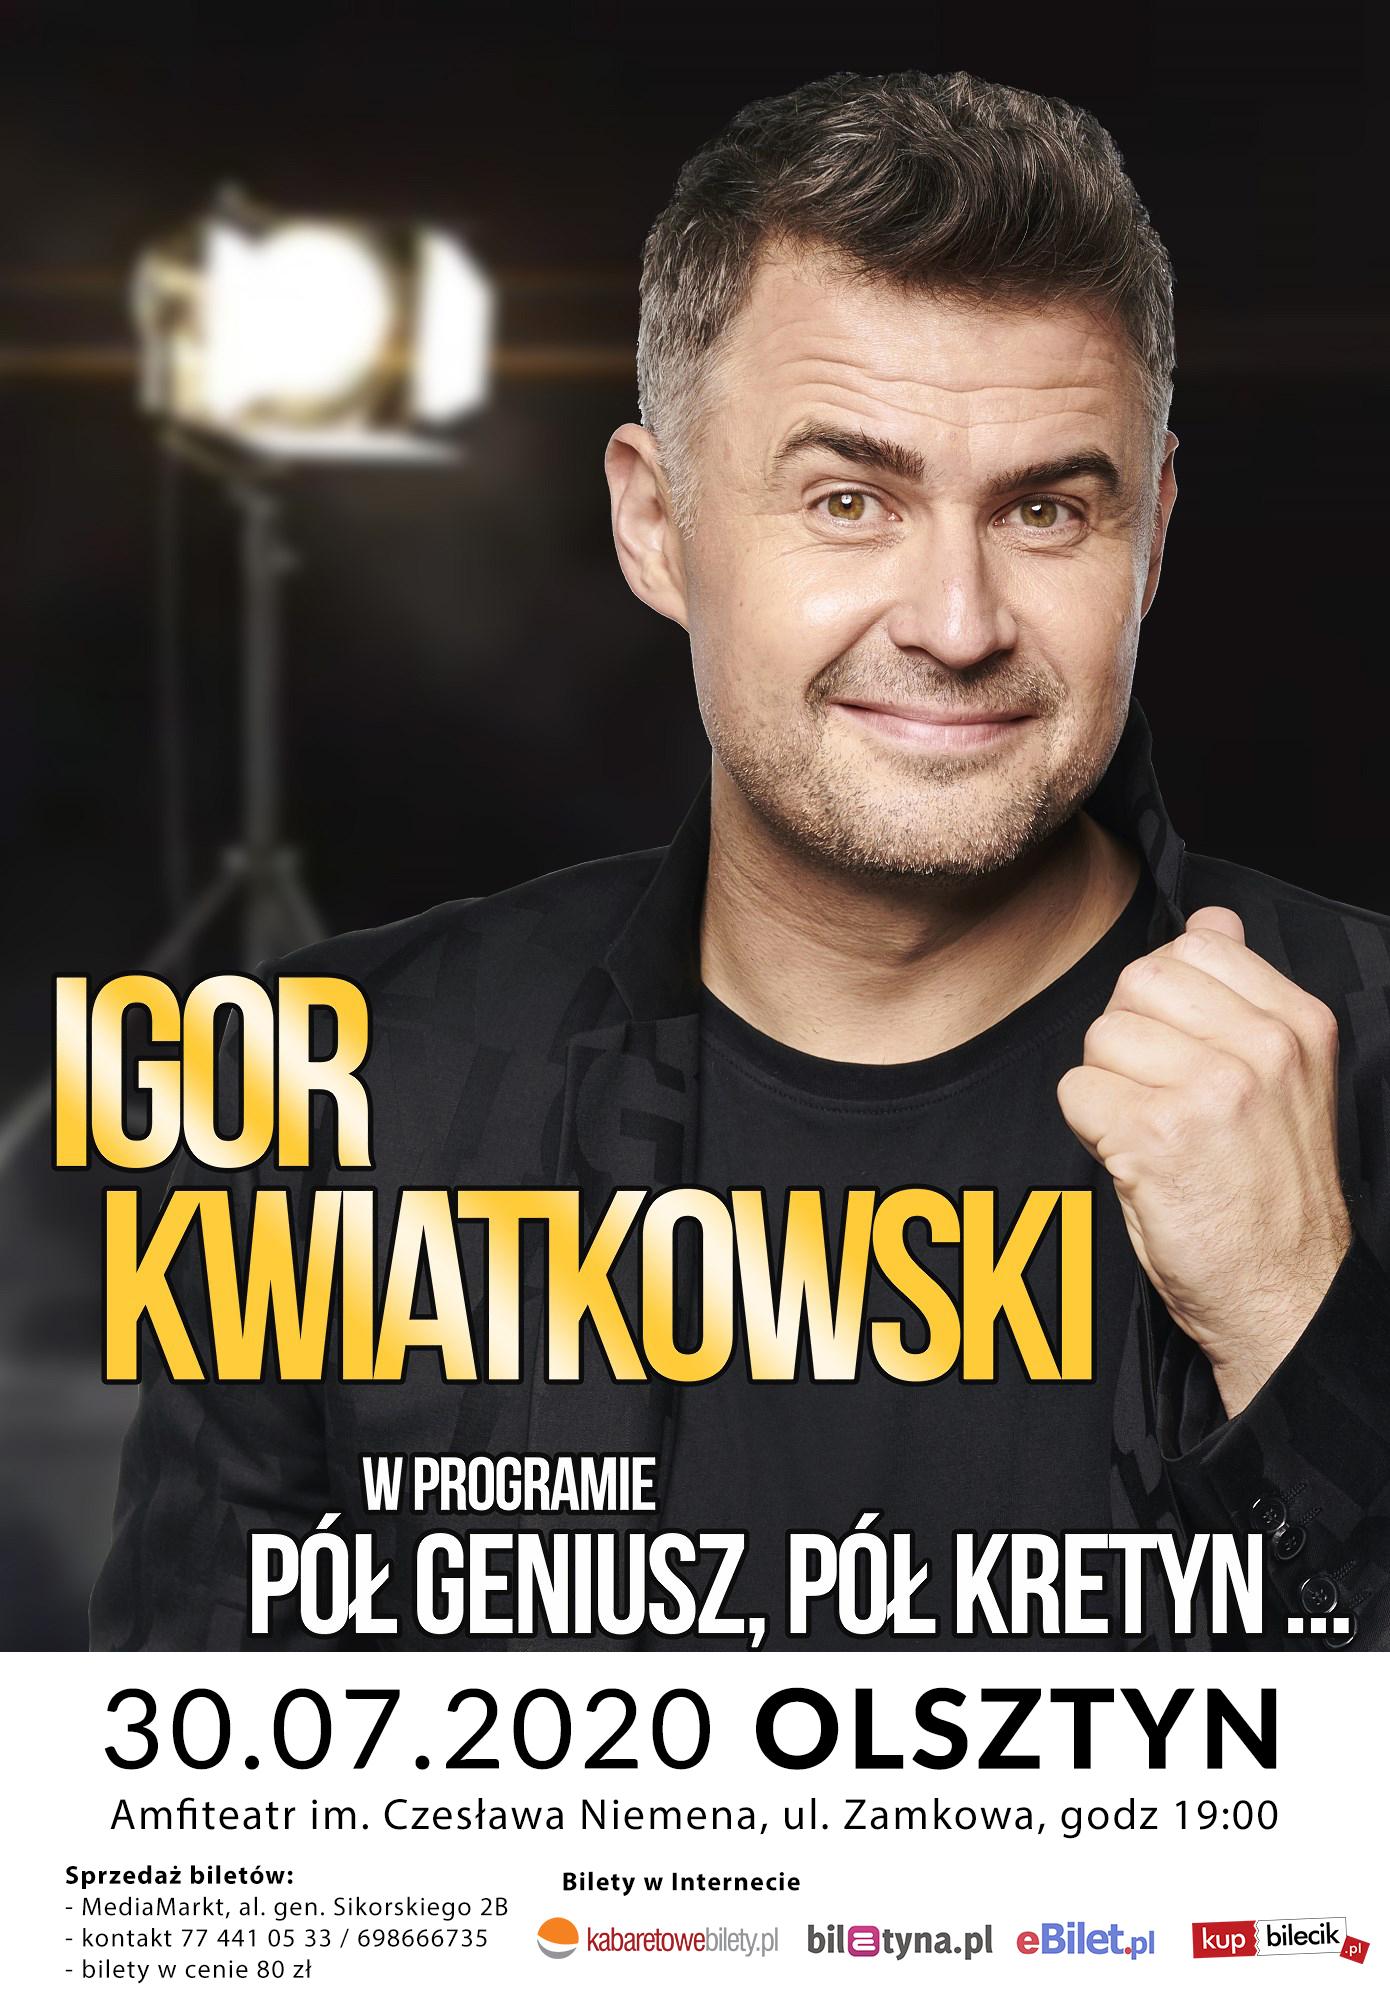 http://m.wm.pl/2020/07/orig/30-07ikolsztynplakat-638831.jpg